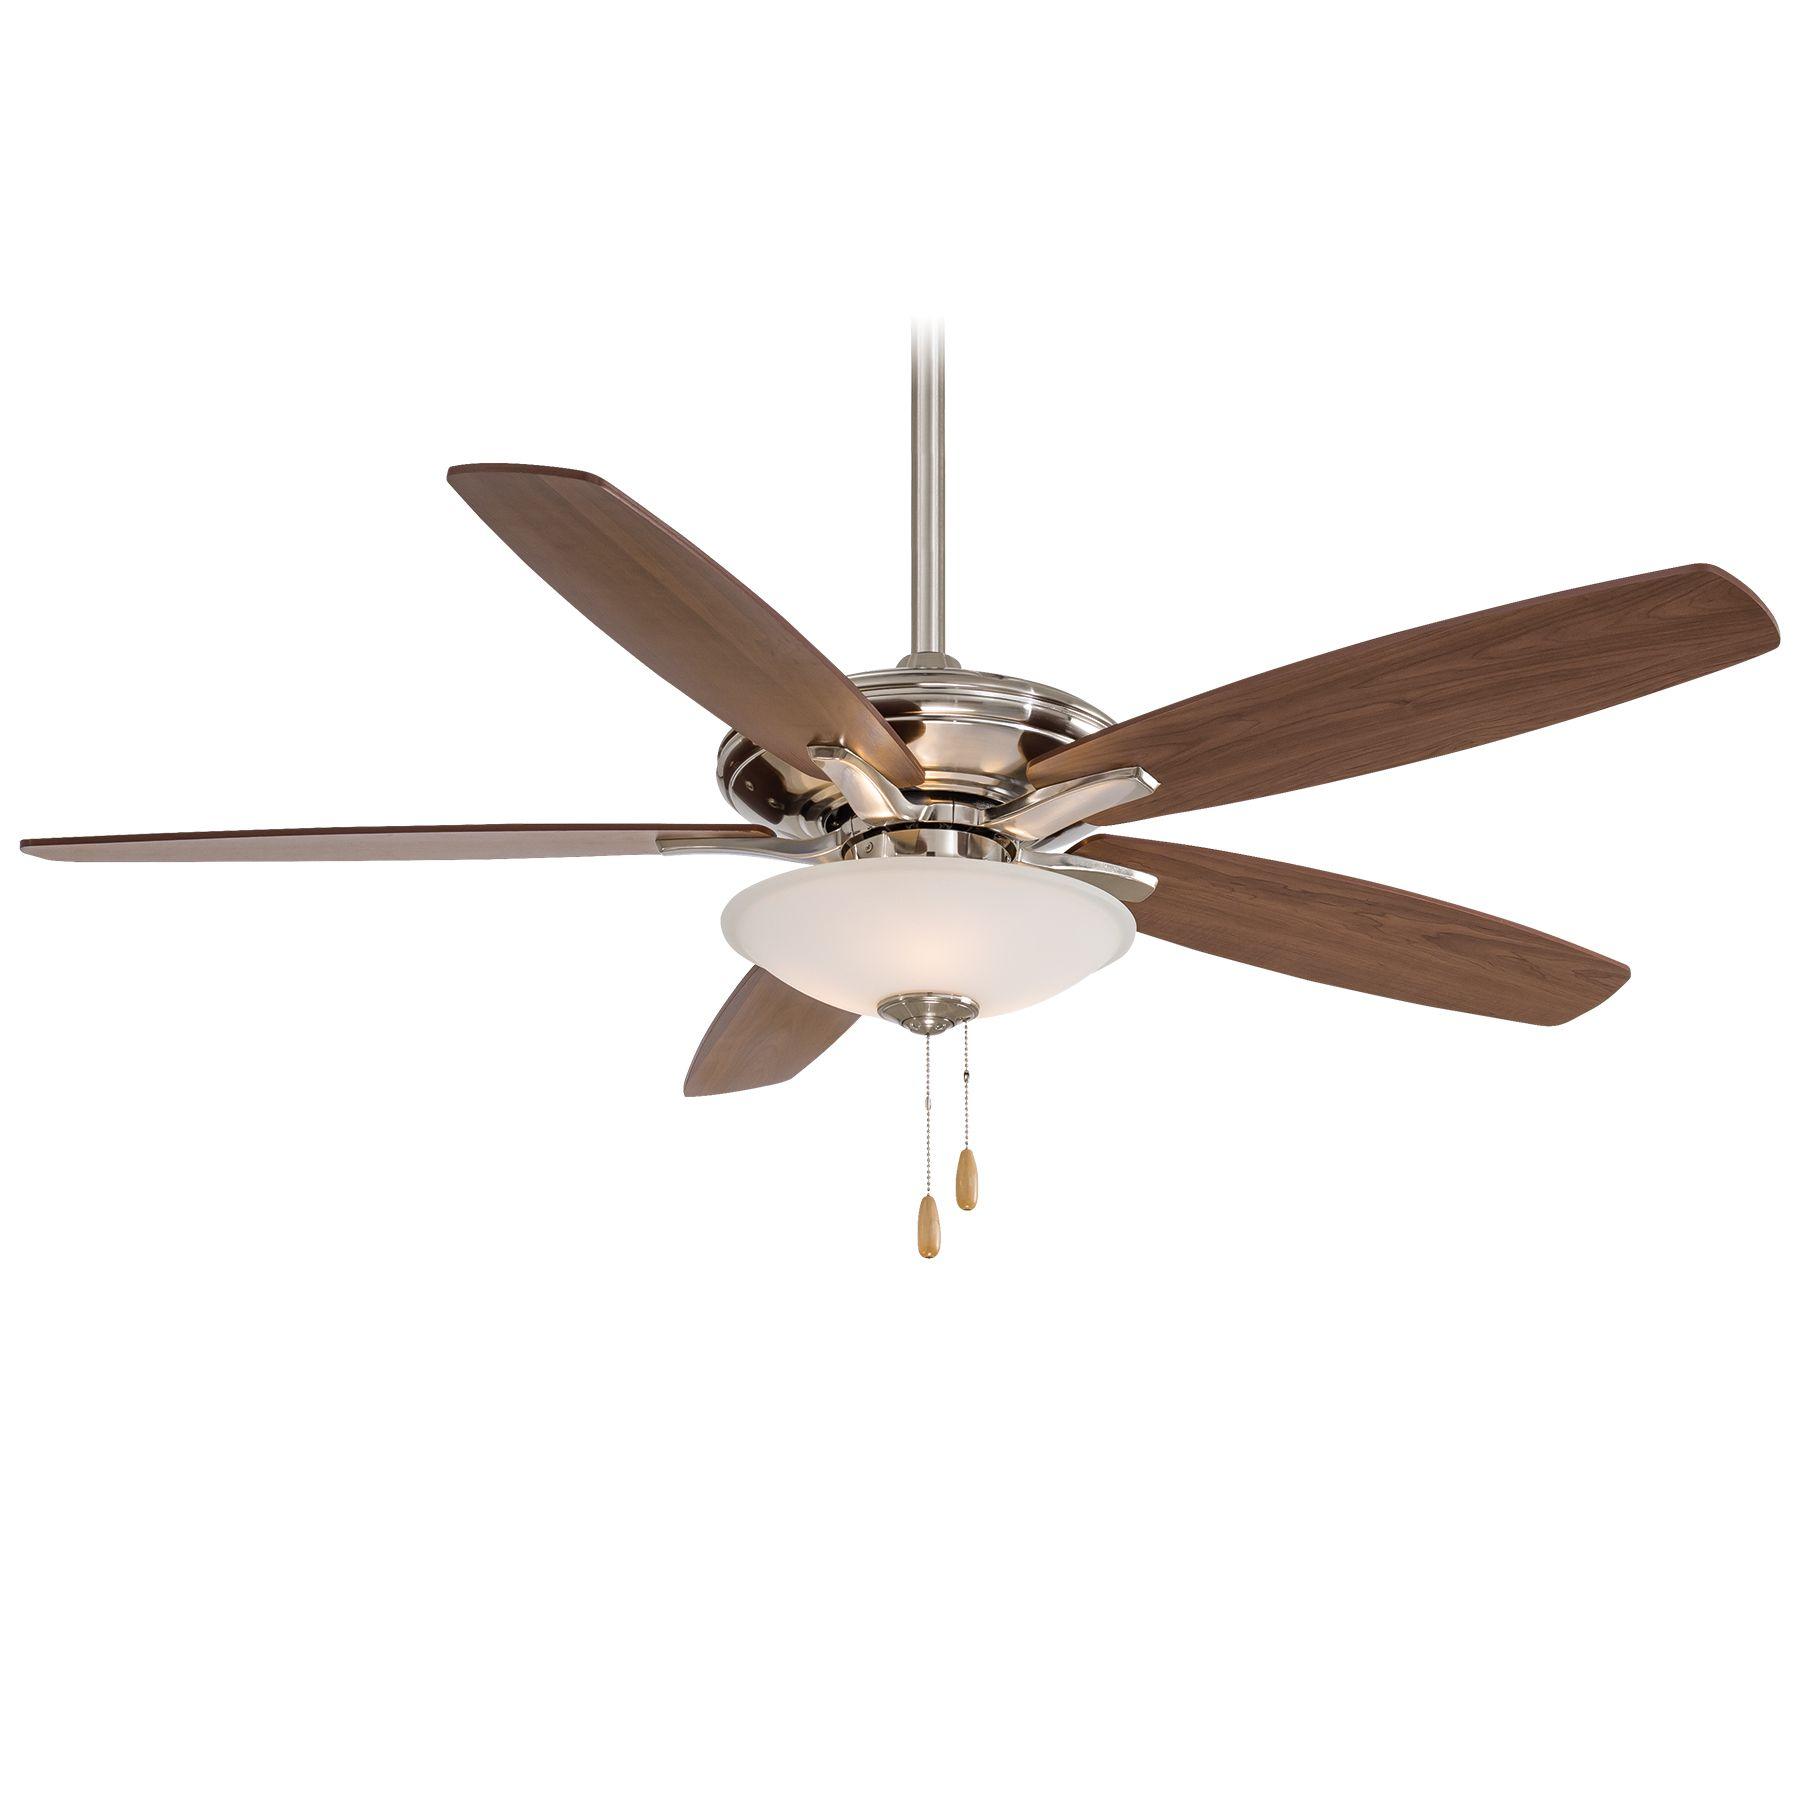 Minka Group Brands Minka Aire F522 Bn Ceiling Fan